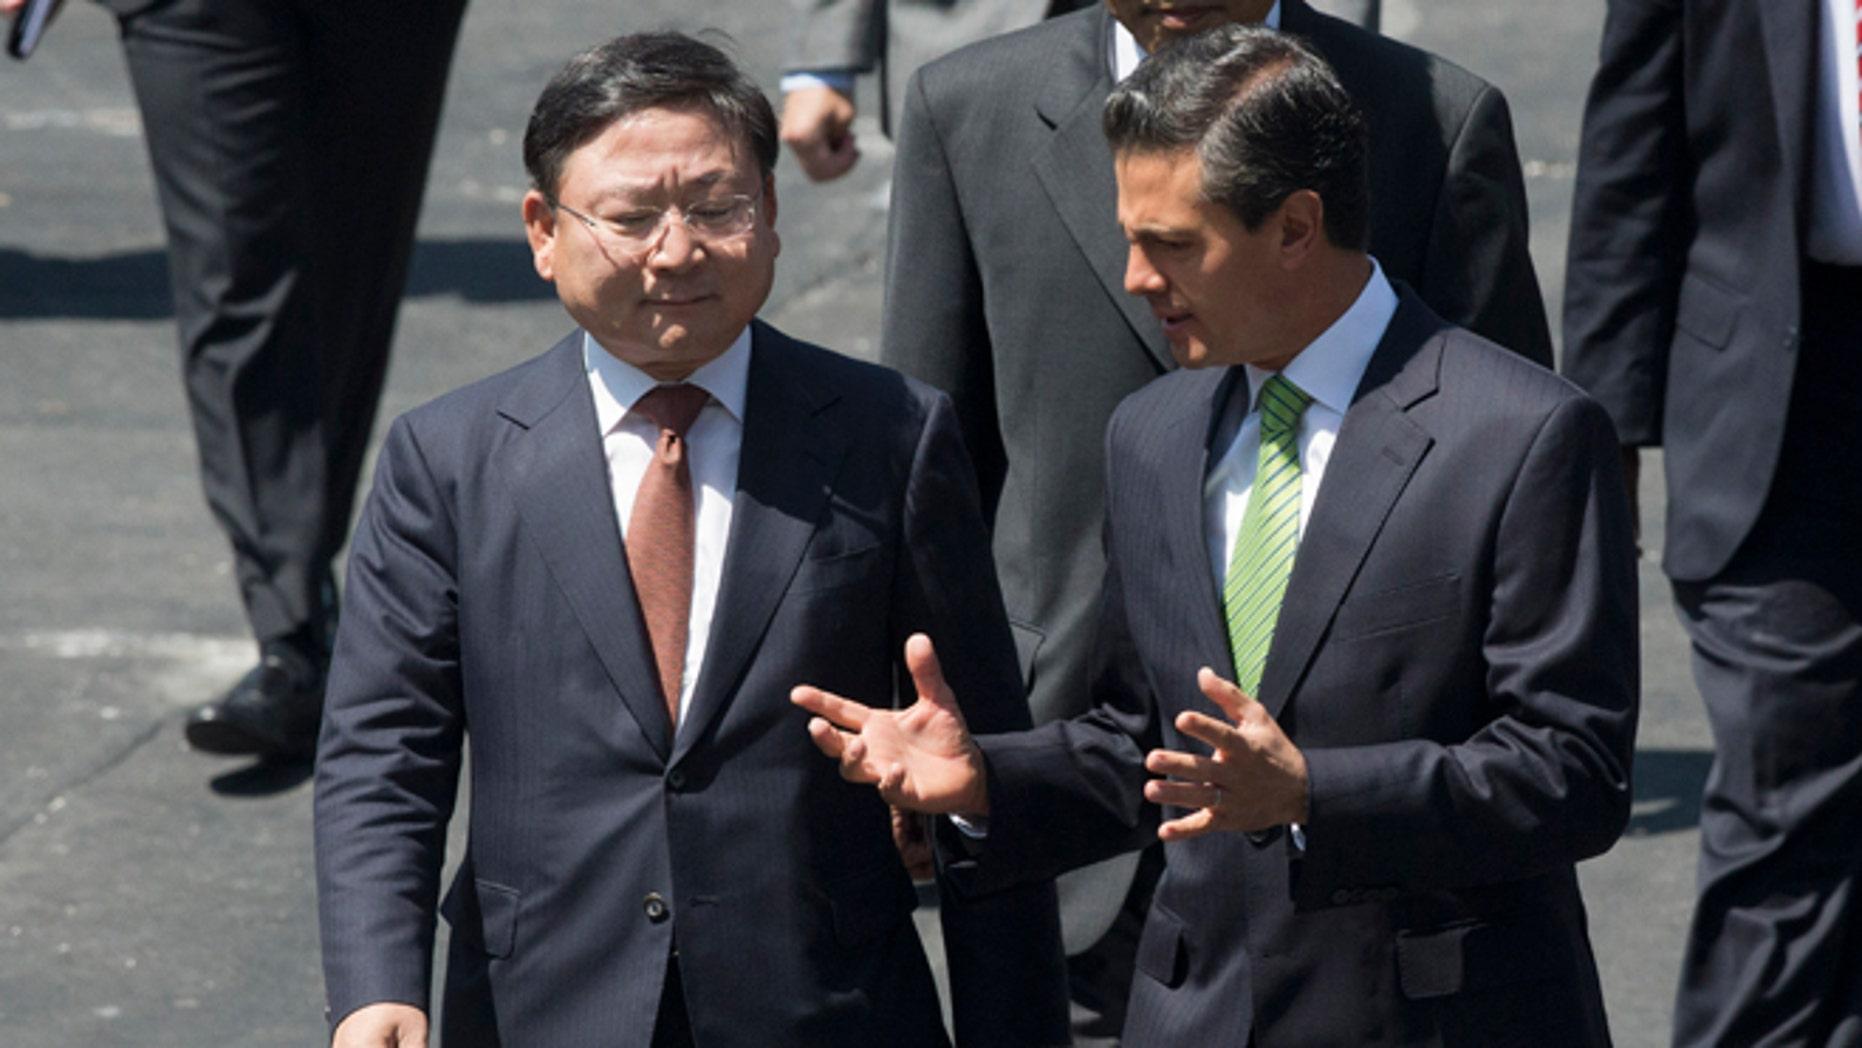 KIA CEO Hyoung-Keun Lee and Mexico's President Enrique Peña Nieto on Wednesday, Aug. 27, 2014.